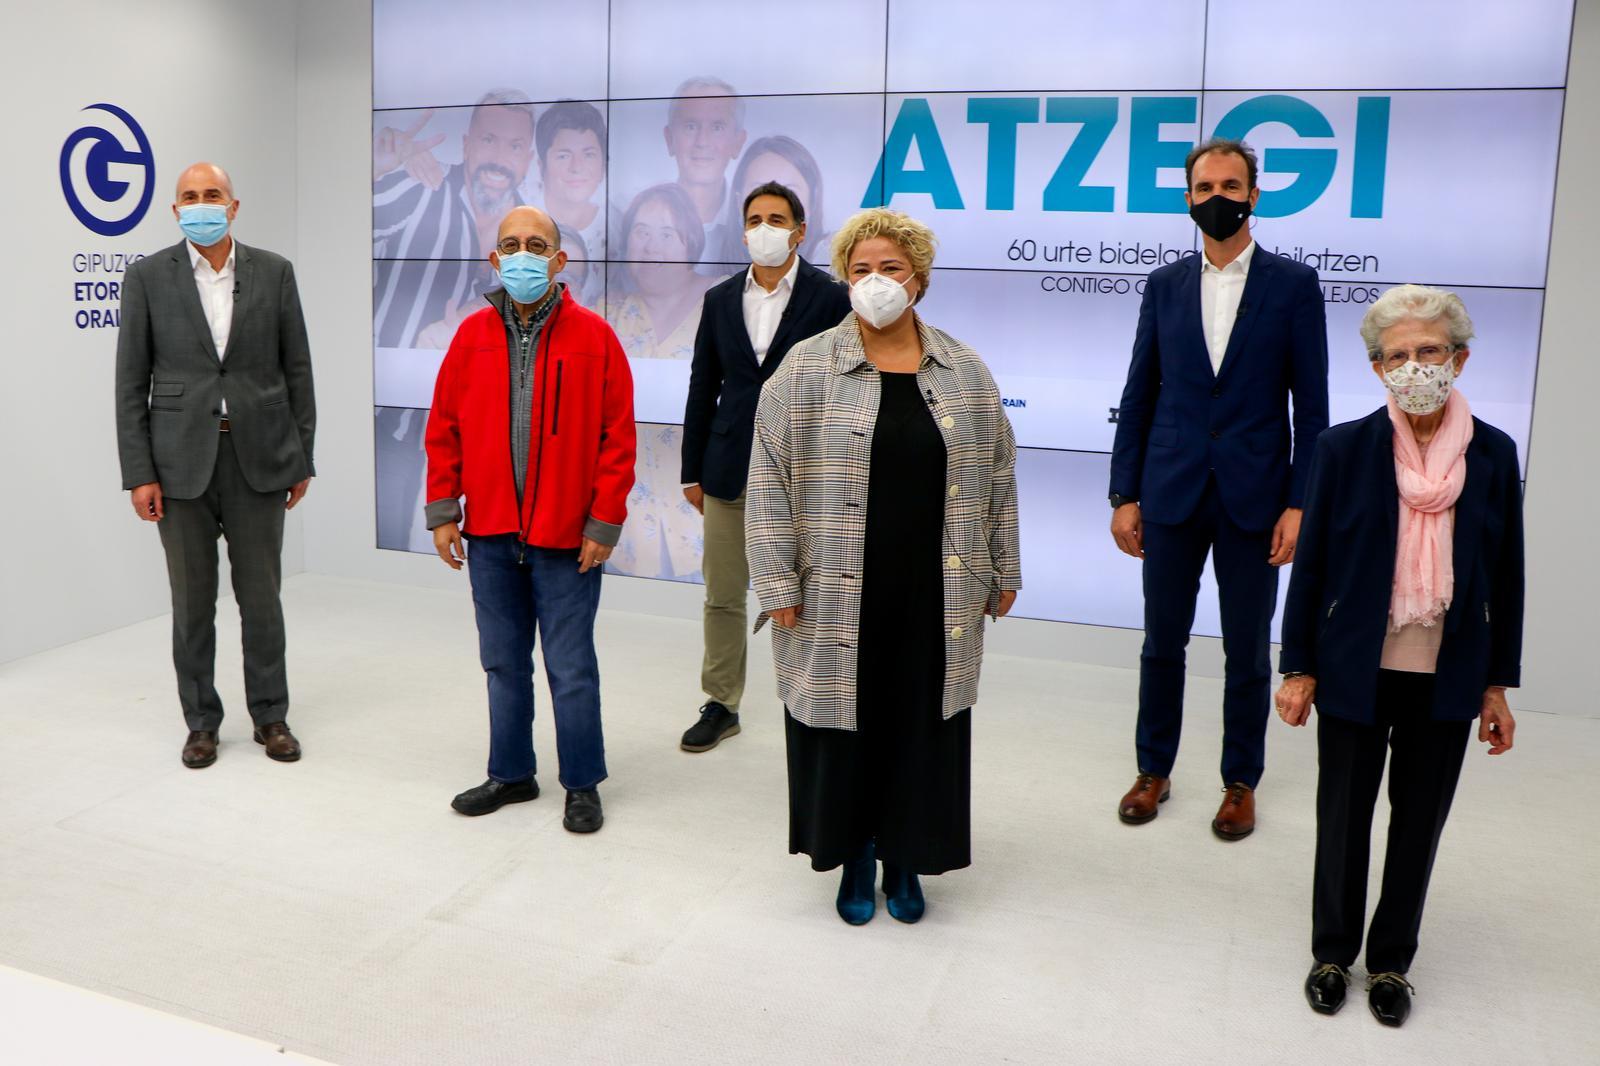 Presentación de la campaña de Atzegi. Foto: Diputación